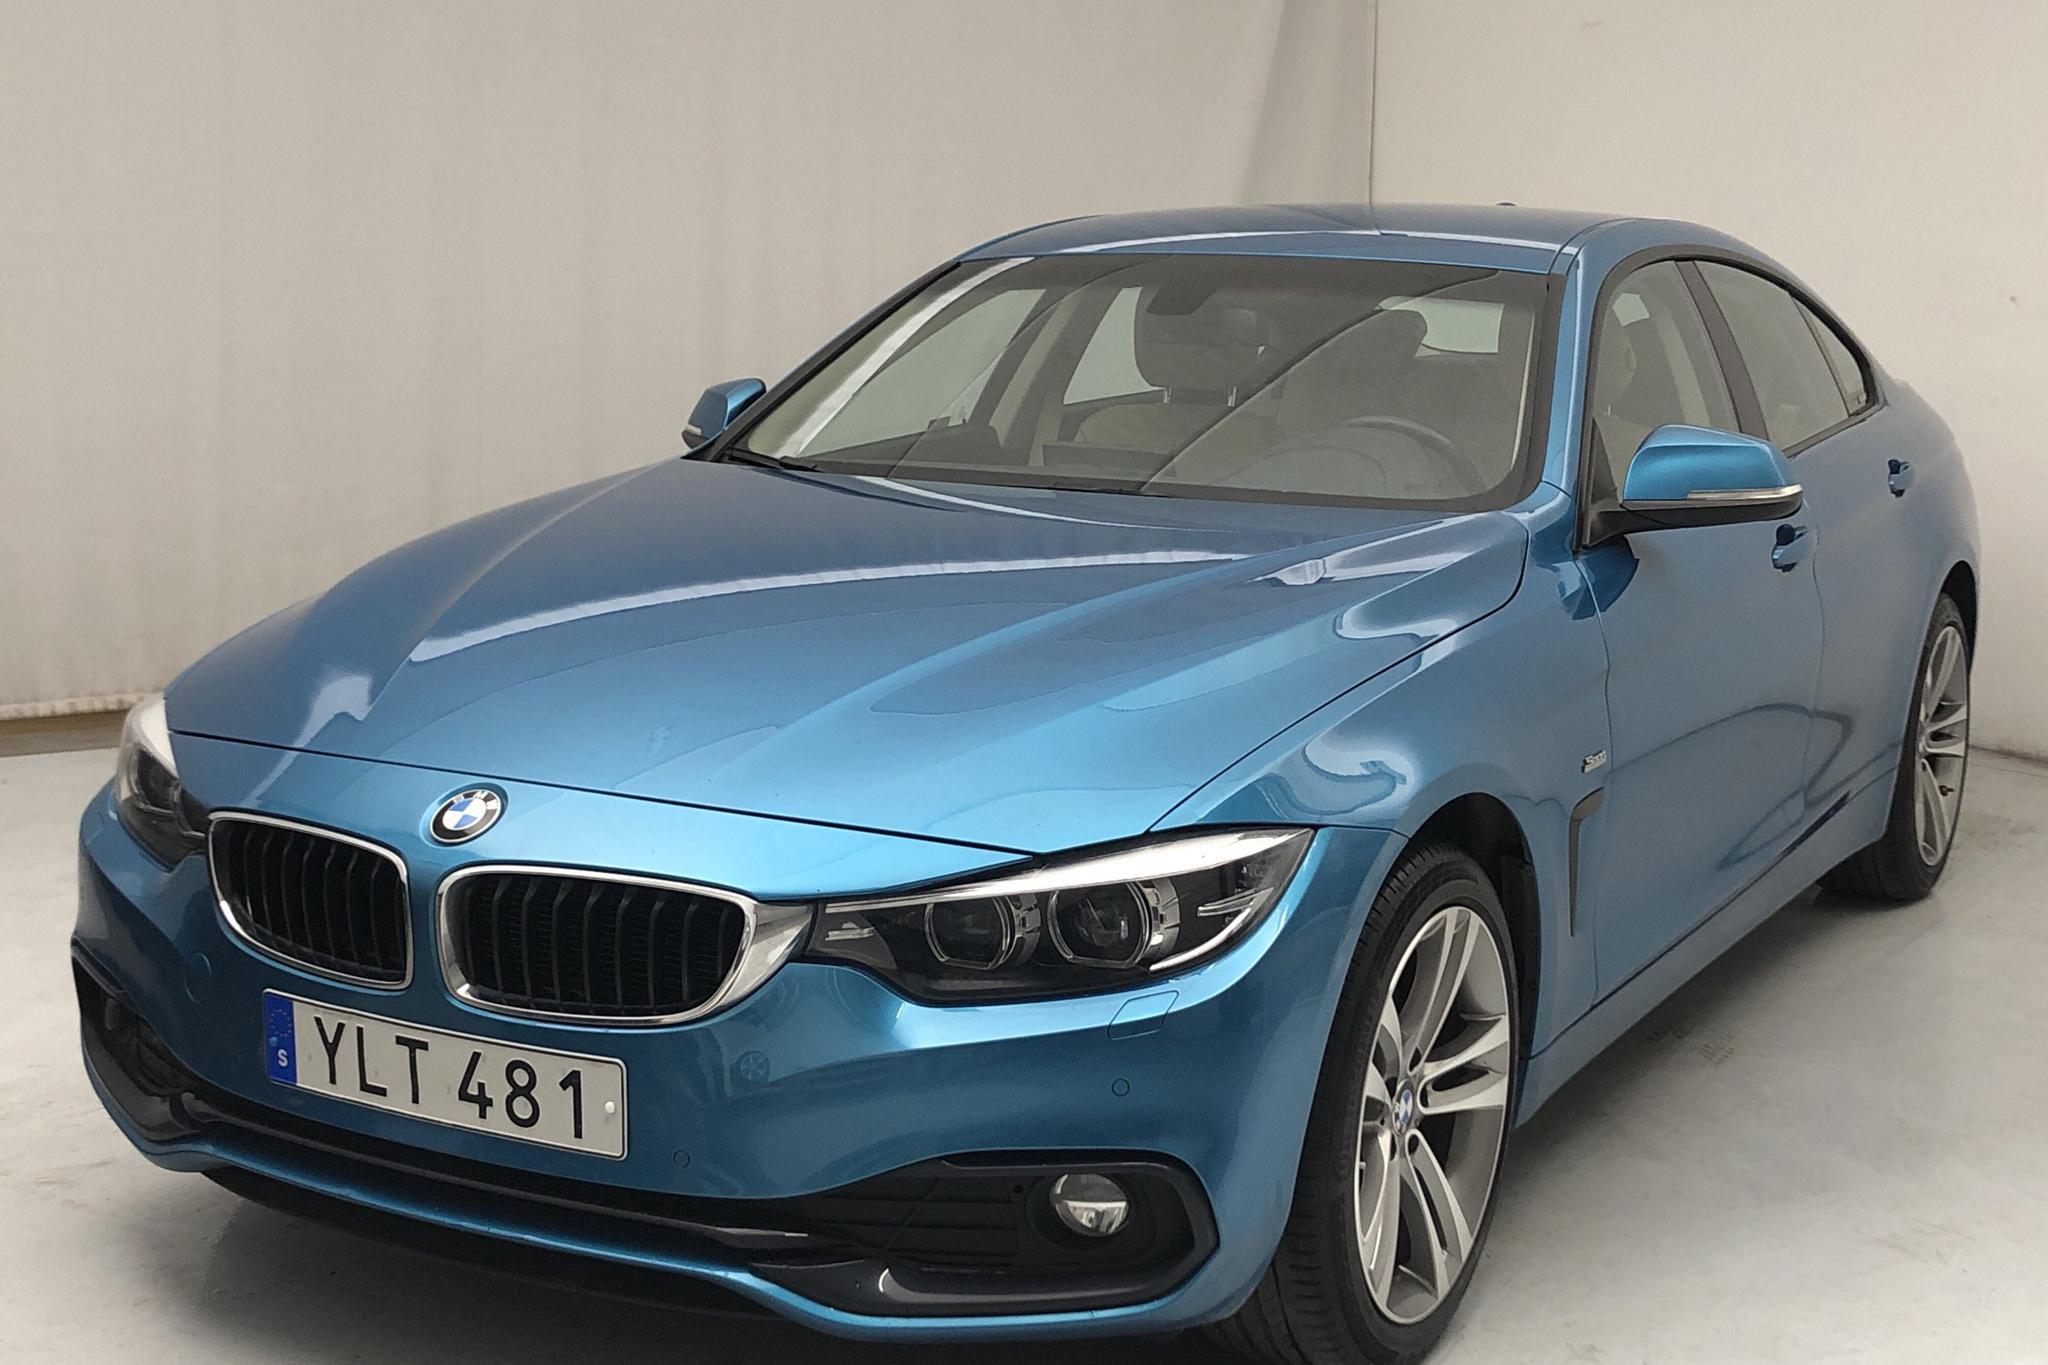 BMW 420d xDrive Gran Coupé, F36 (190hk) - 60 560 km - Automatic - blue - 2018